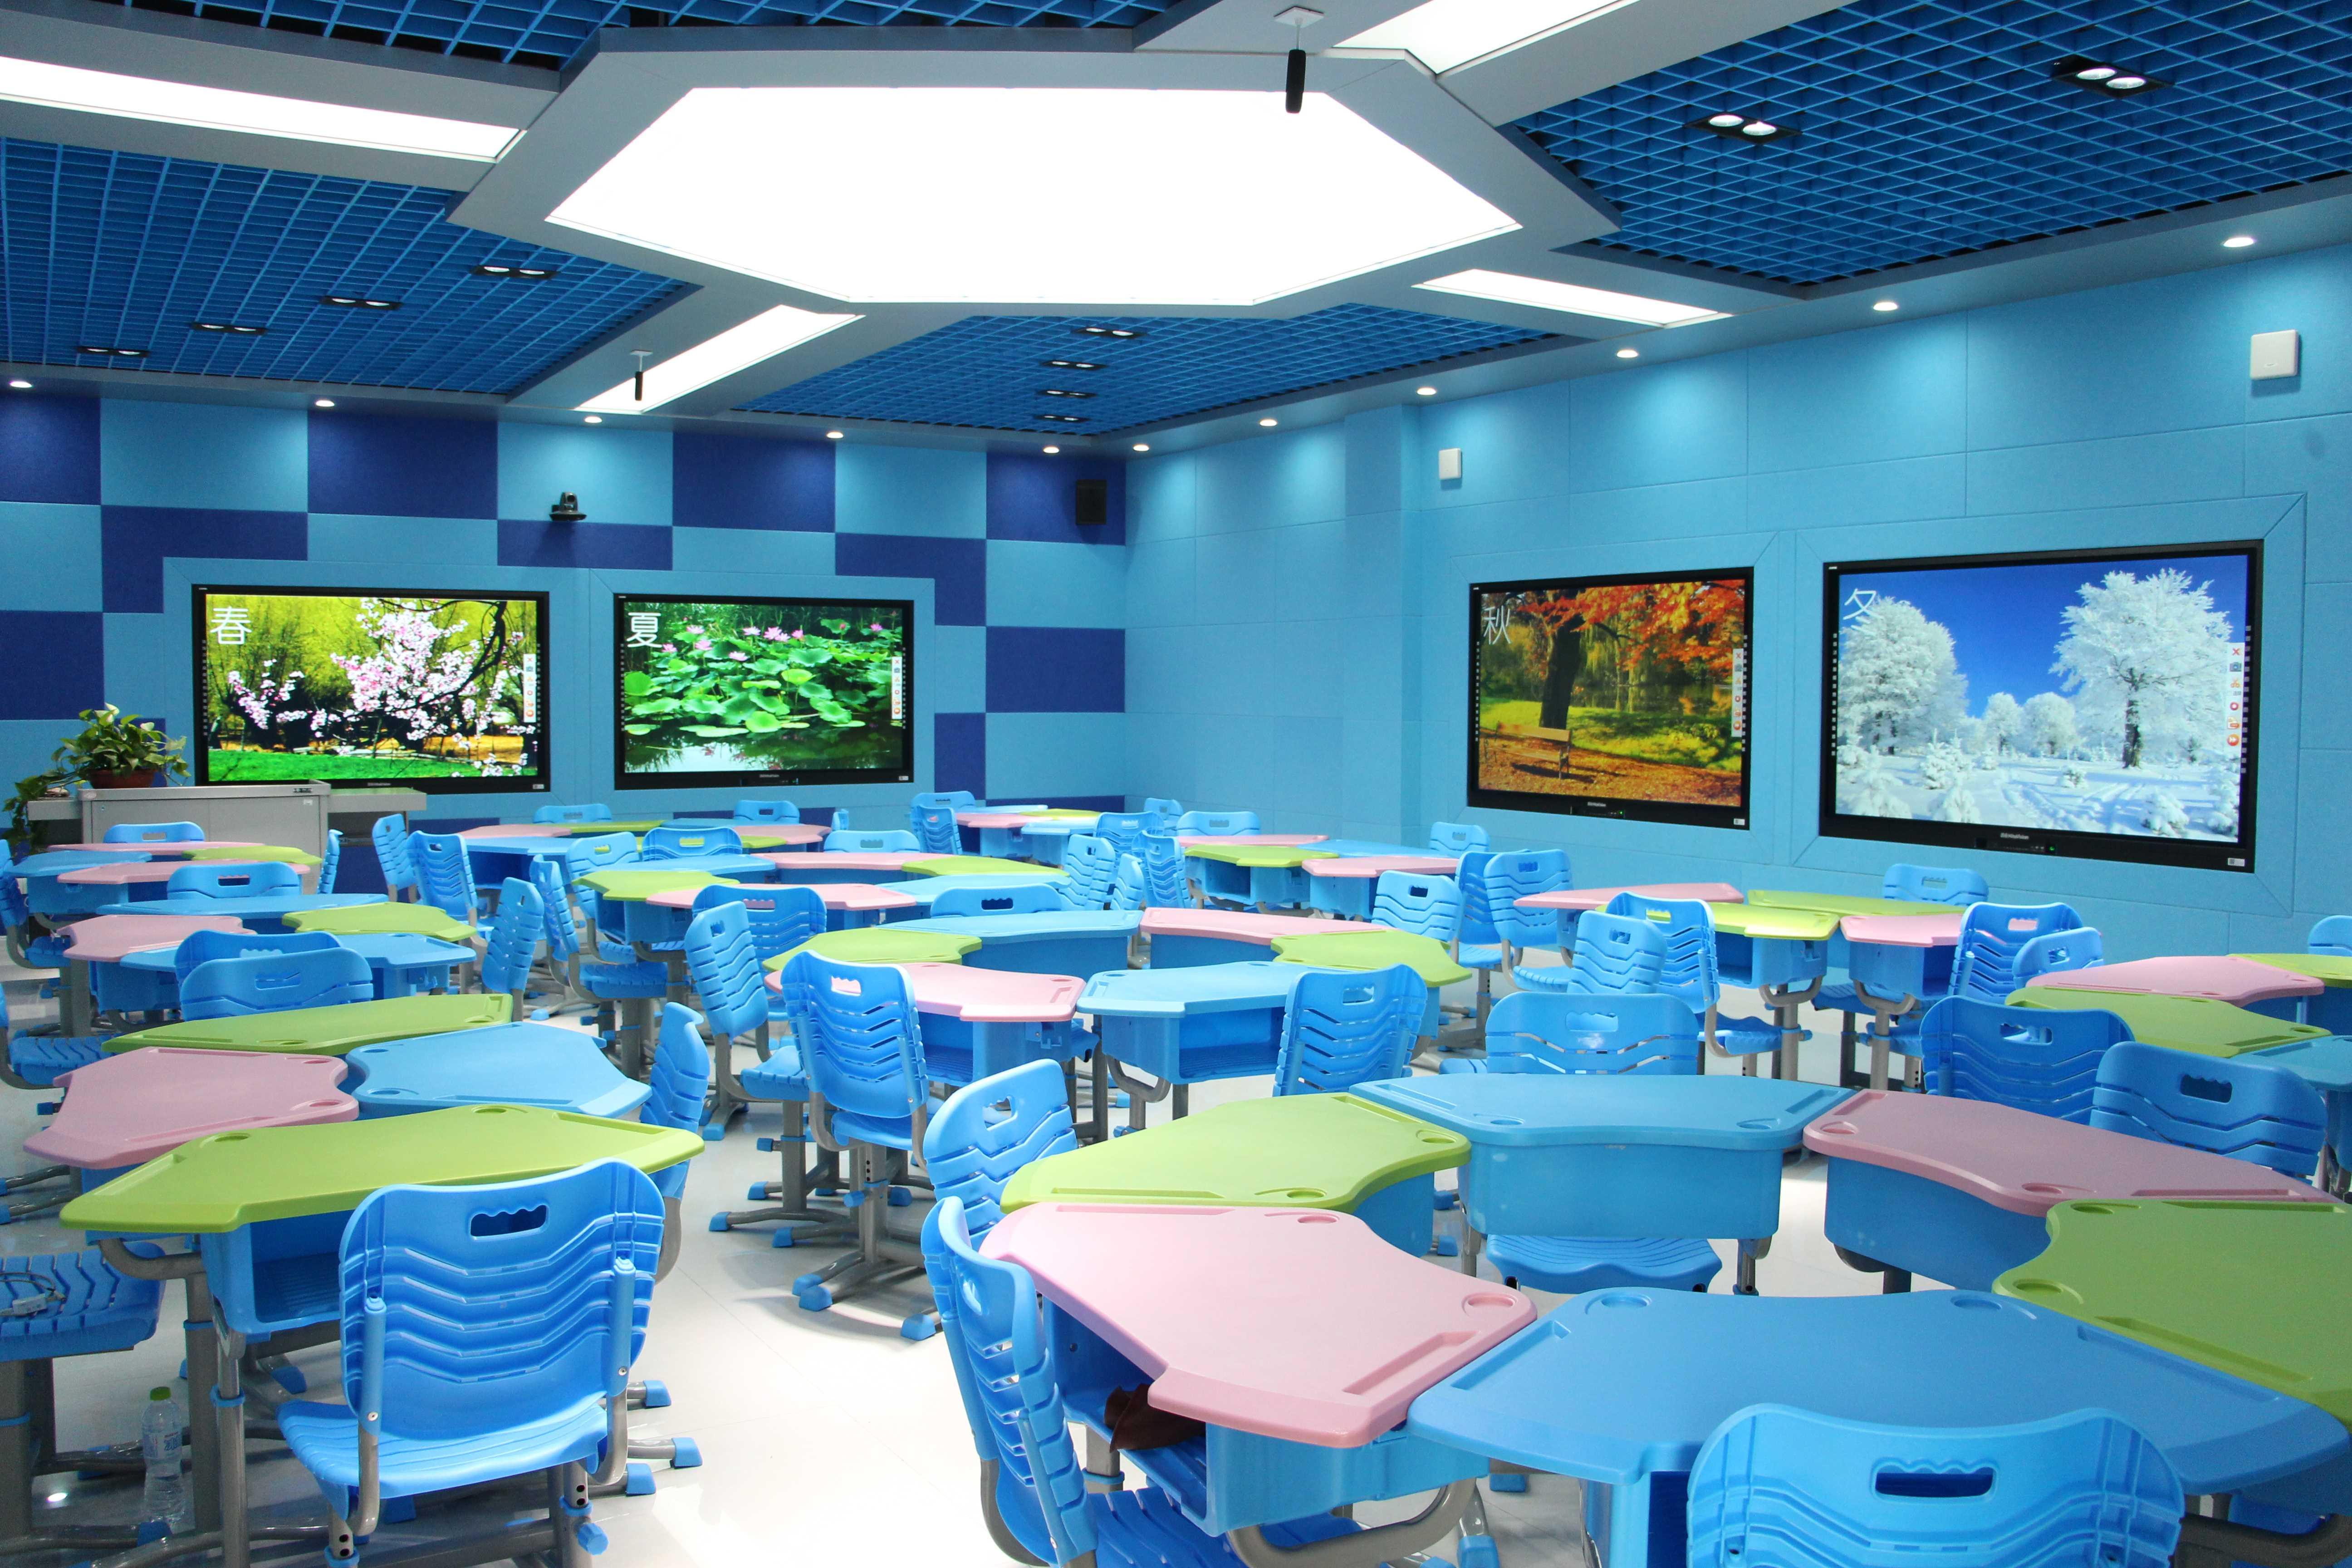 12.未來教室